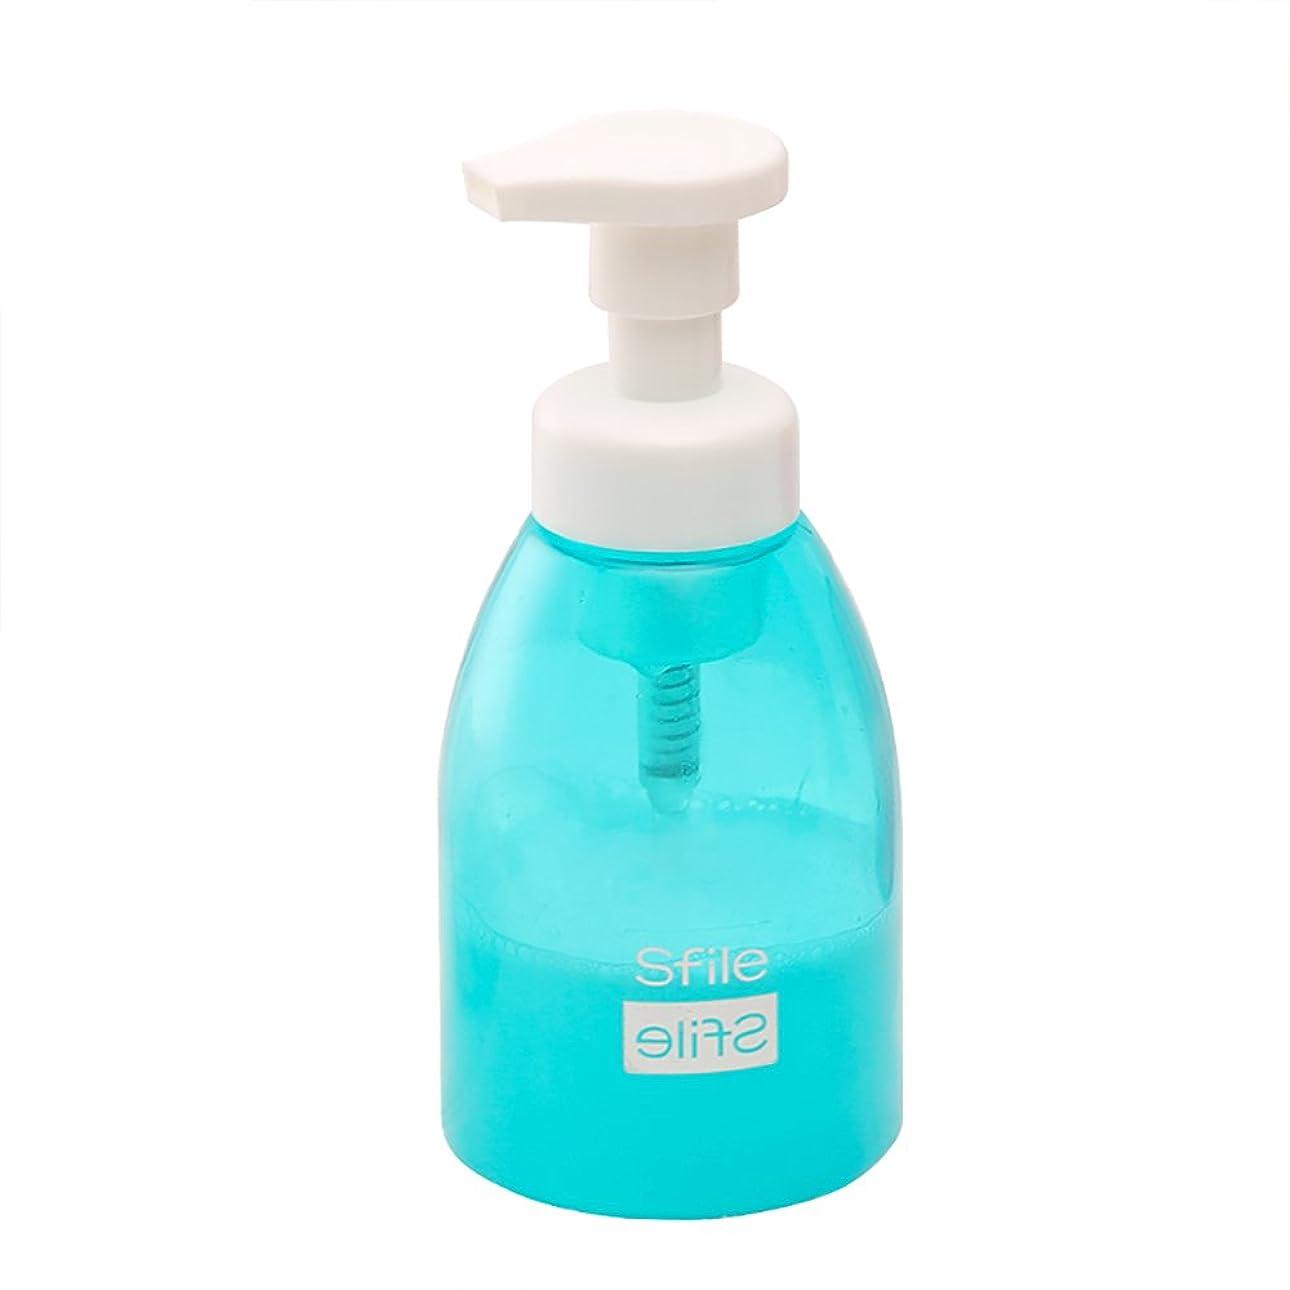 弱める普通にトレース泡立てボトル/ビン/コップ 洗顔用 泡立て器 洗顔フォーム 洗顔ネット 2色 (ブルー)